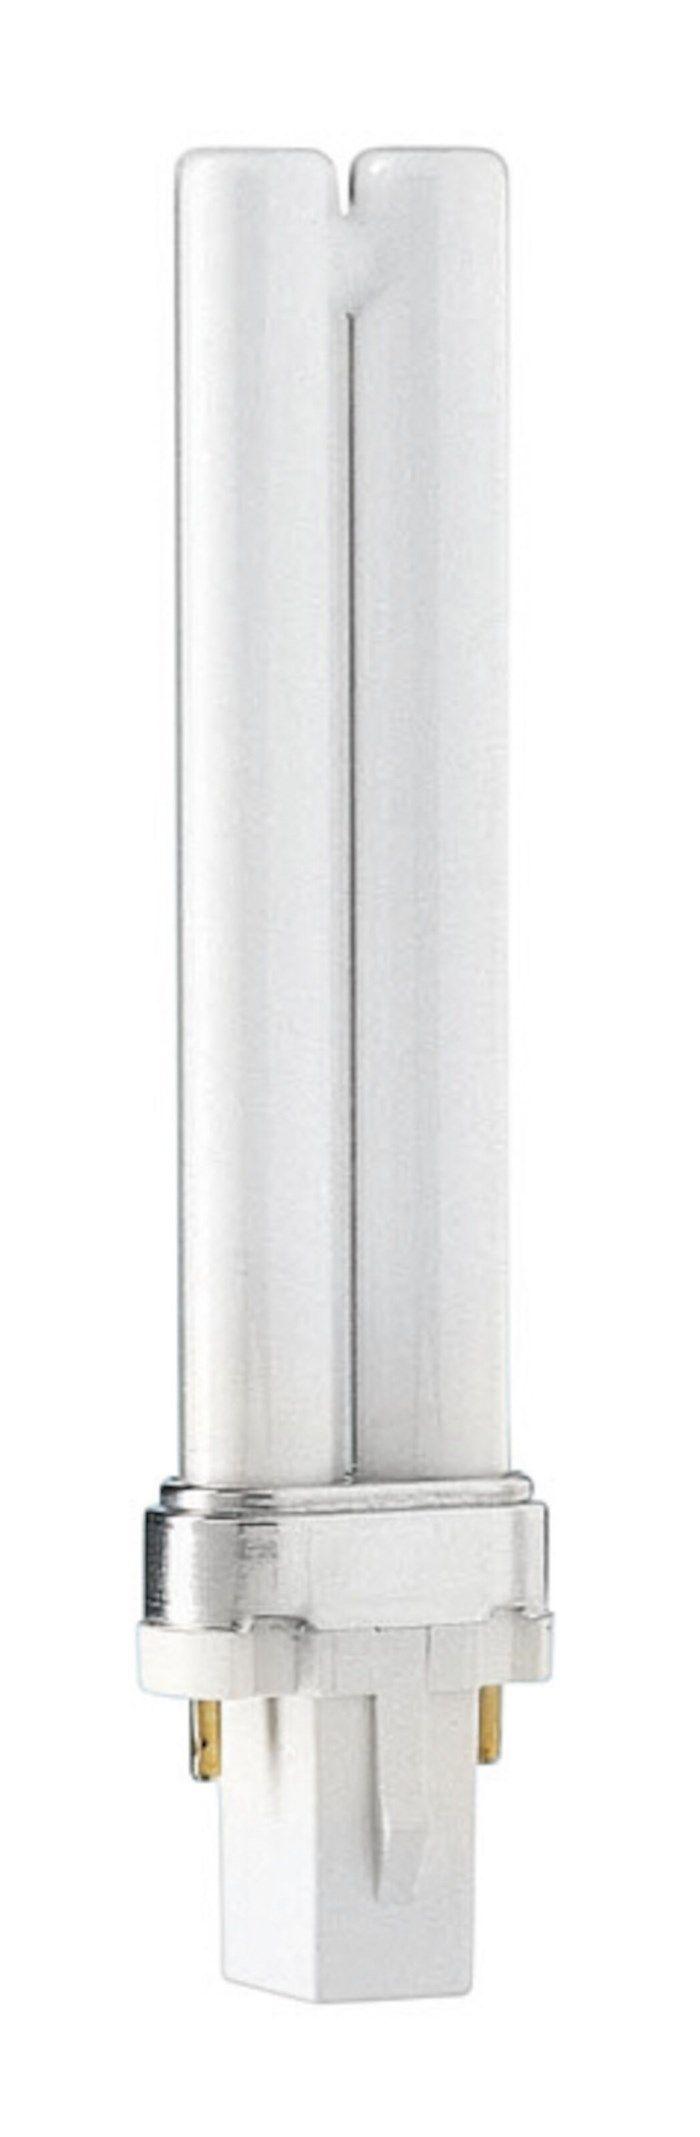 Kompaktlysrör G23 400 lm